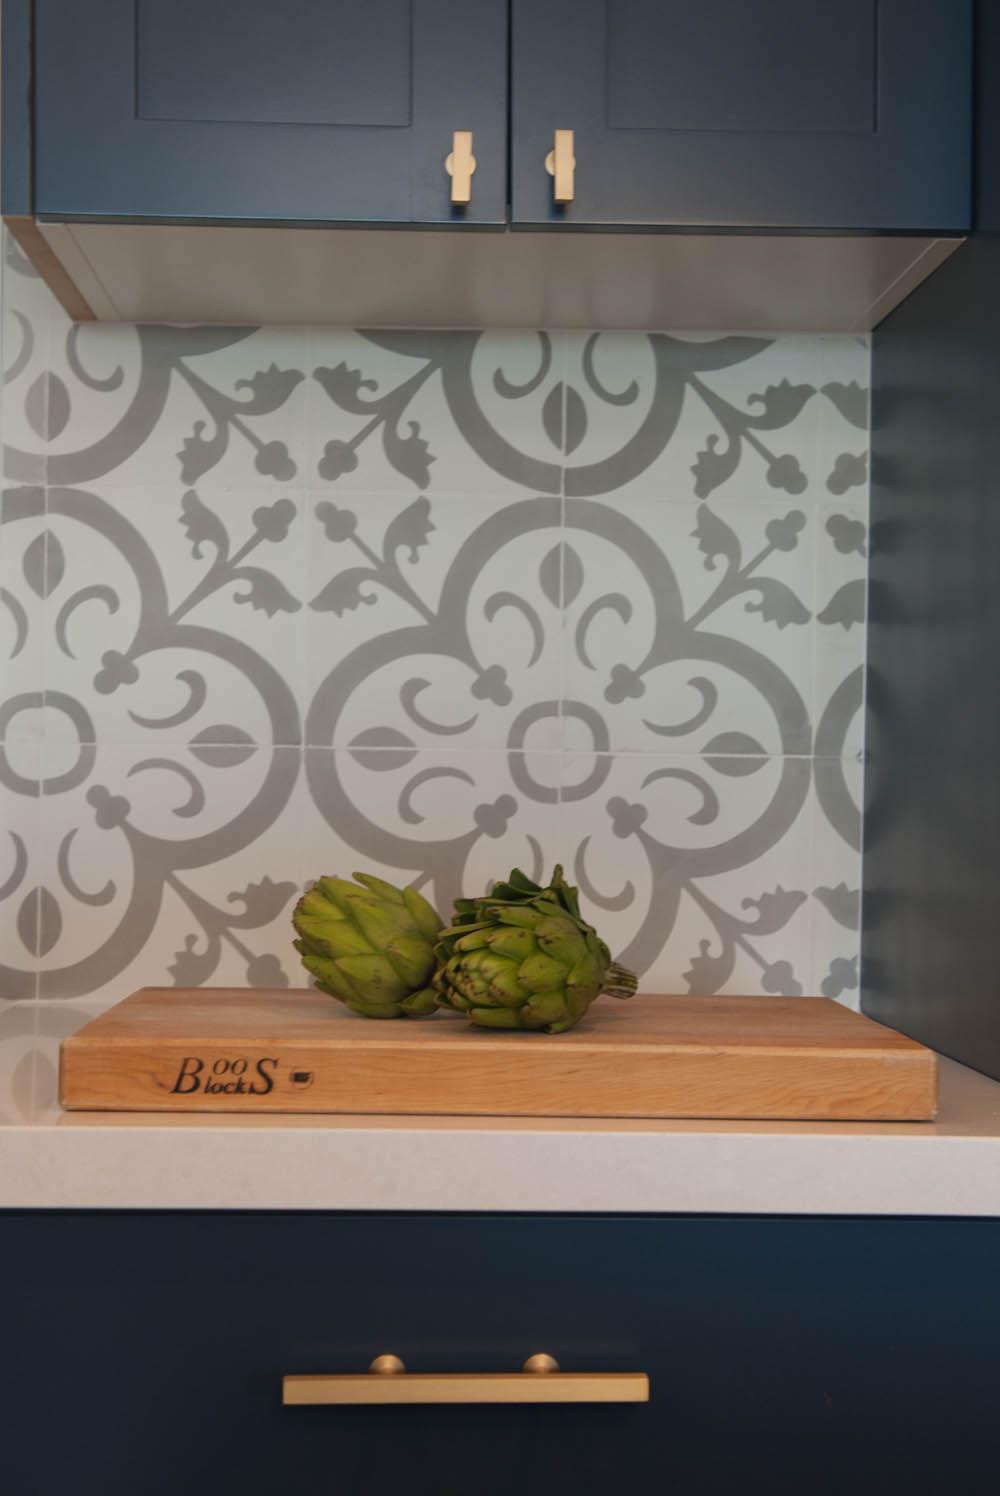 Kitchen knob design in Oakland, CA